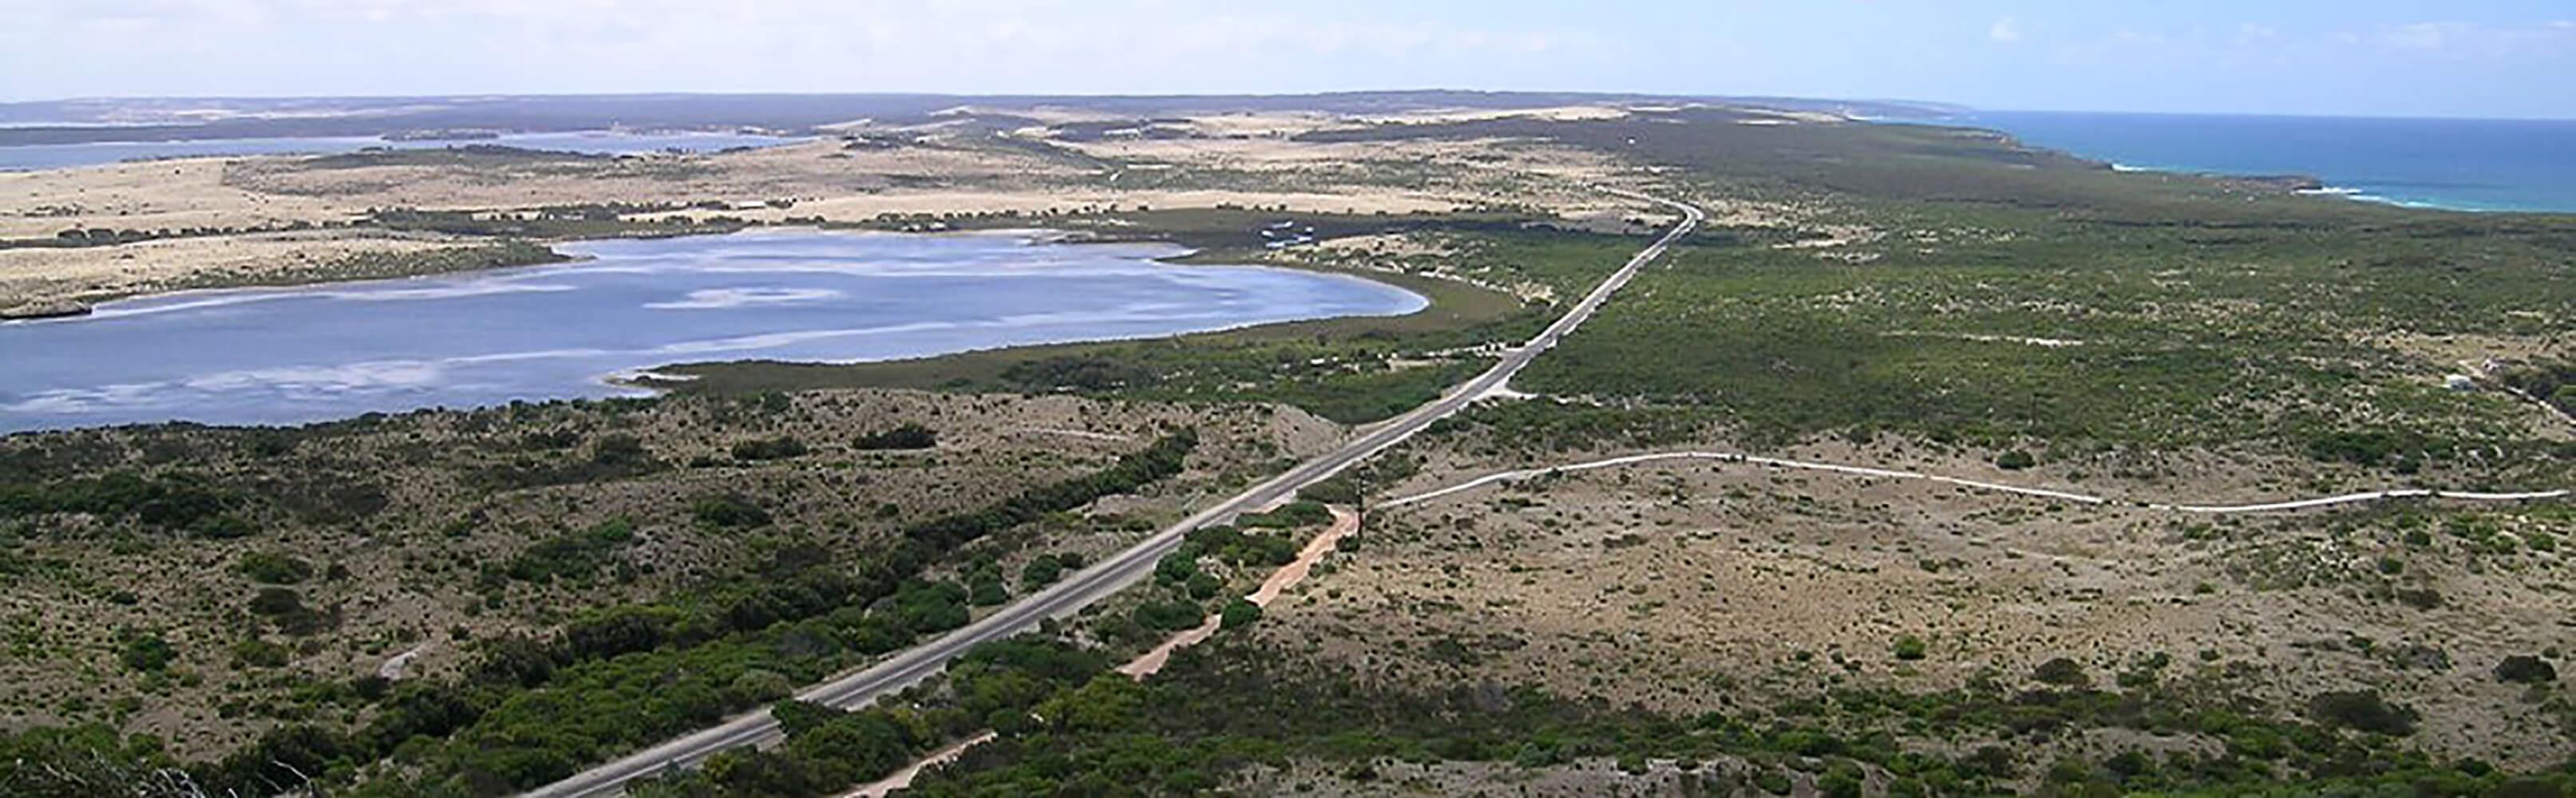 Känguru-Insel 1